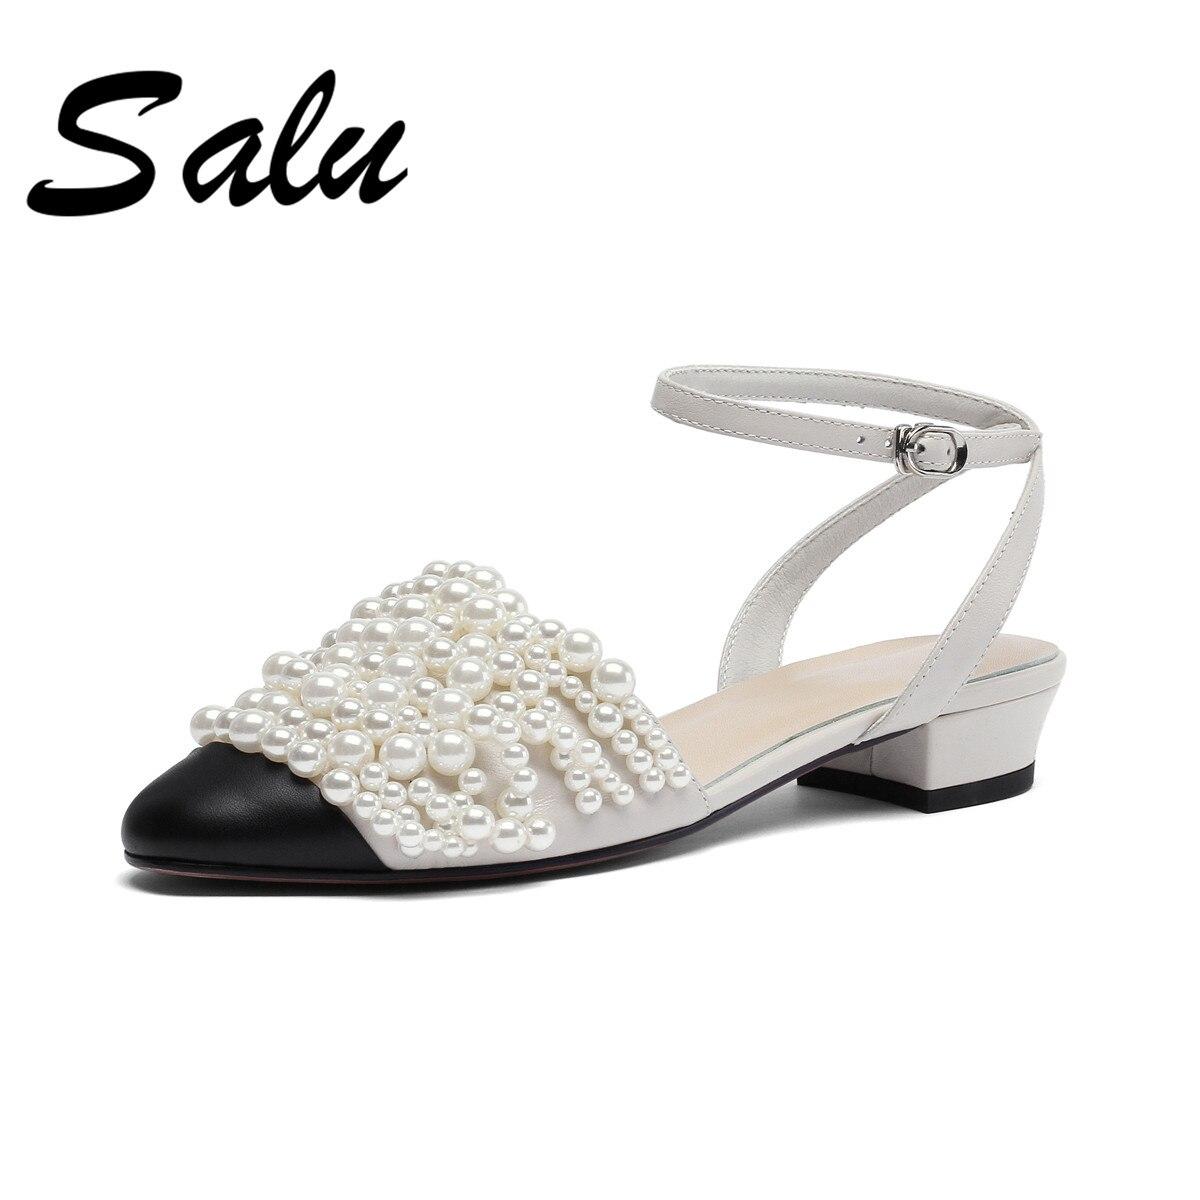 Salu 2019 verano sandalias de cuero genuino de Mujer Zapatos de tacón alto Mujer perla verano mulas zapatos fiesta graduación mujeres bombas-in Sandalias de mujer from zapatos    1